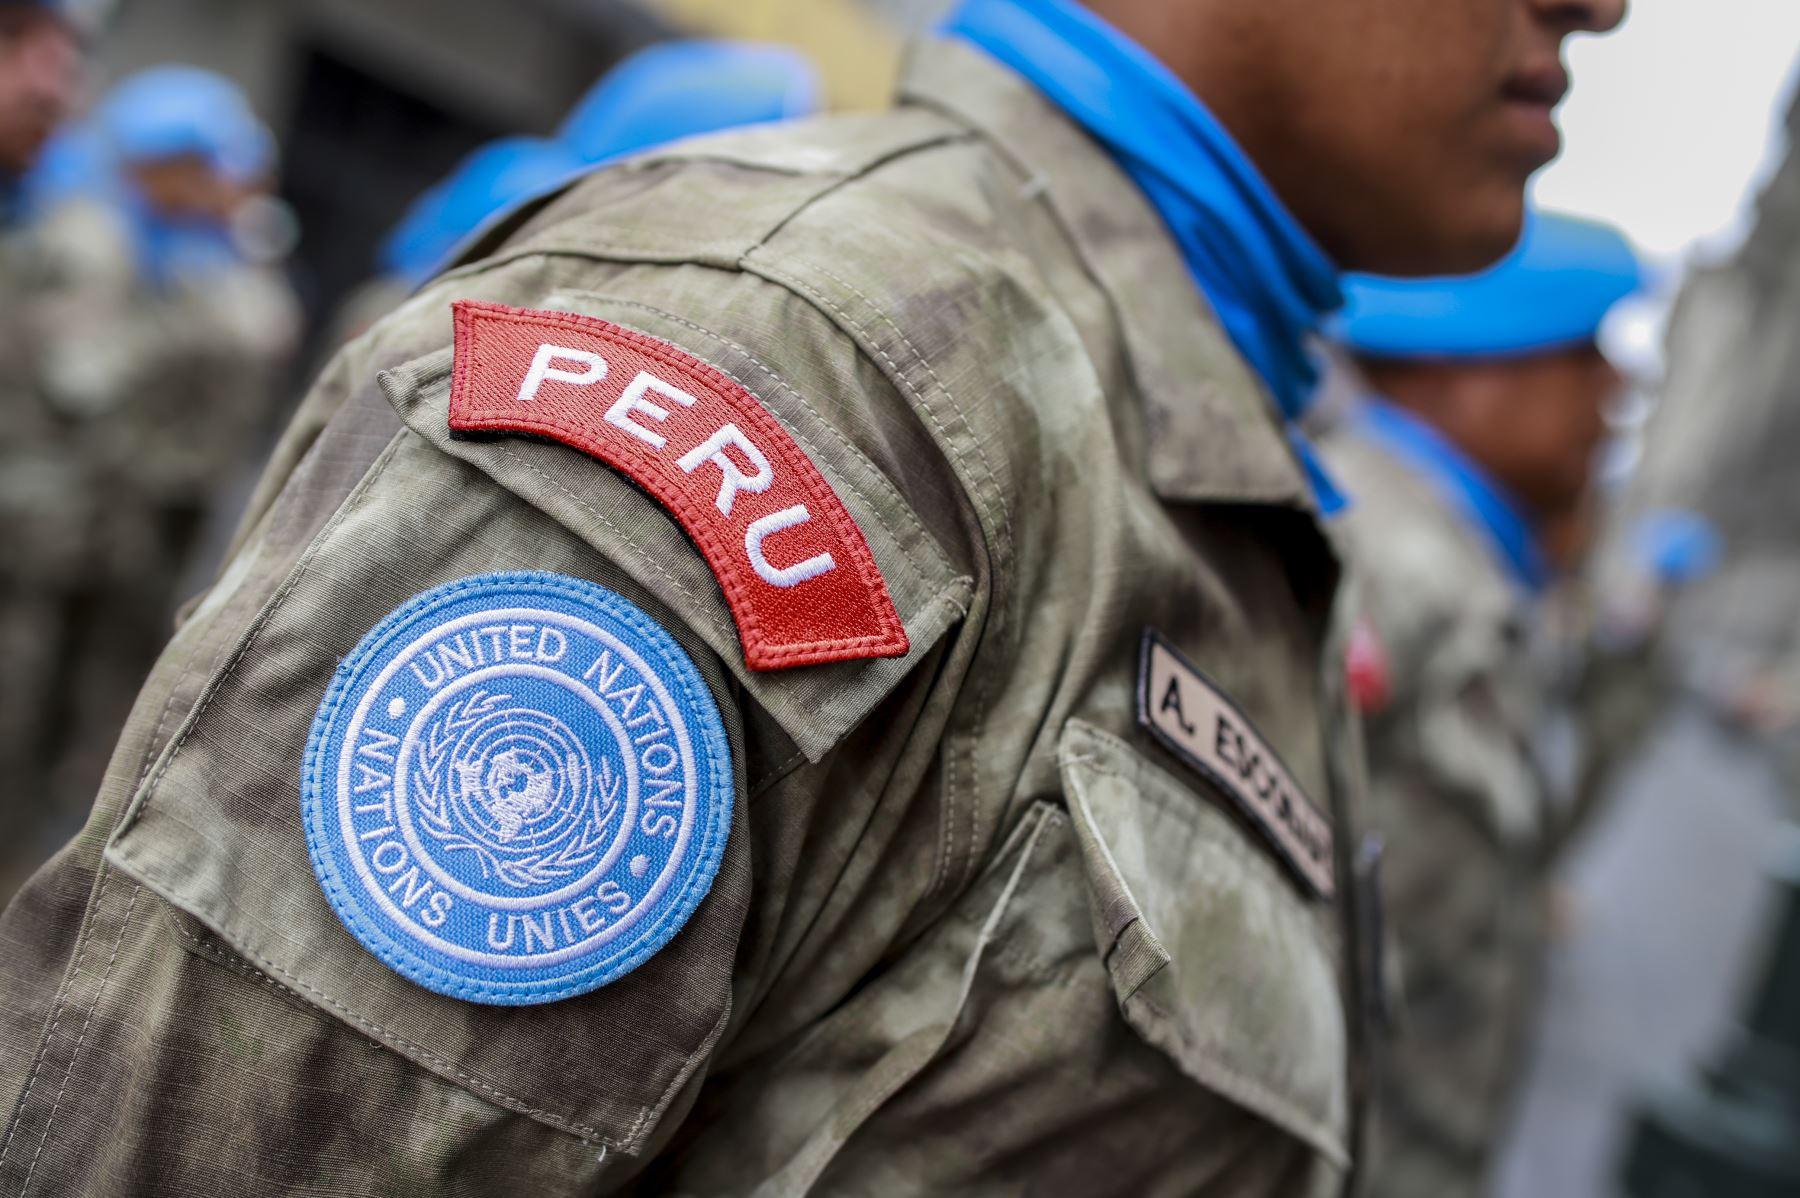 Hace 10 años, los cascos azules peruanos acudieron a Haití para prestar ayuda y auxilio a las personas afectadas por el terremoto que azotó ese país. Hoy, en homenaje a su labor participan del cambio de guardia en el Patio de Honor de Palacio de Gobierno. Foto: ANDINA/Prensa Presidencia